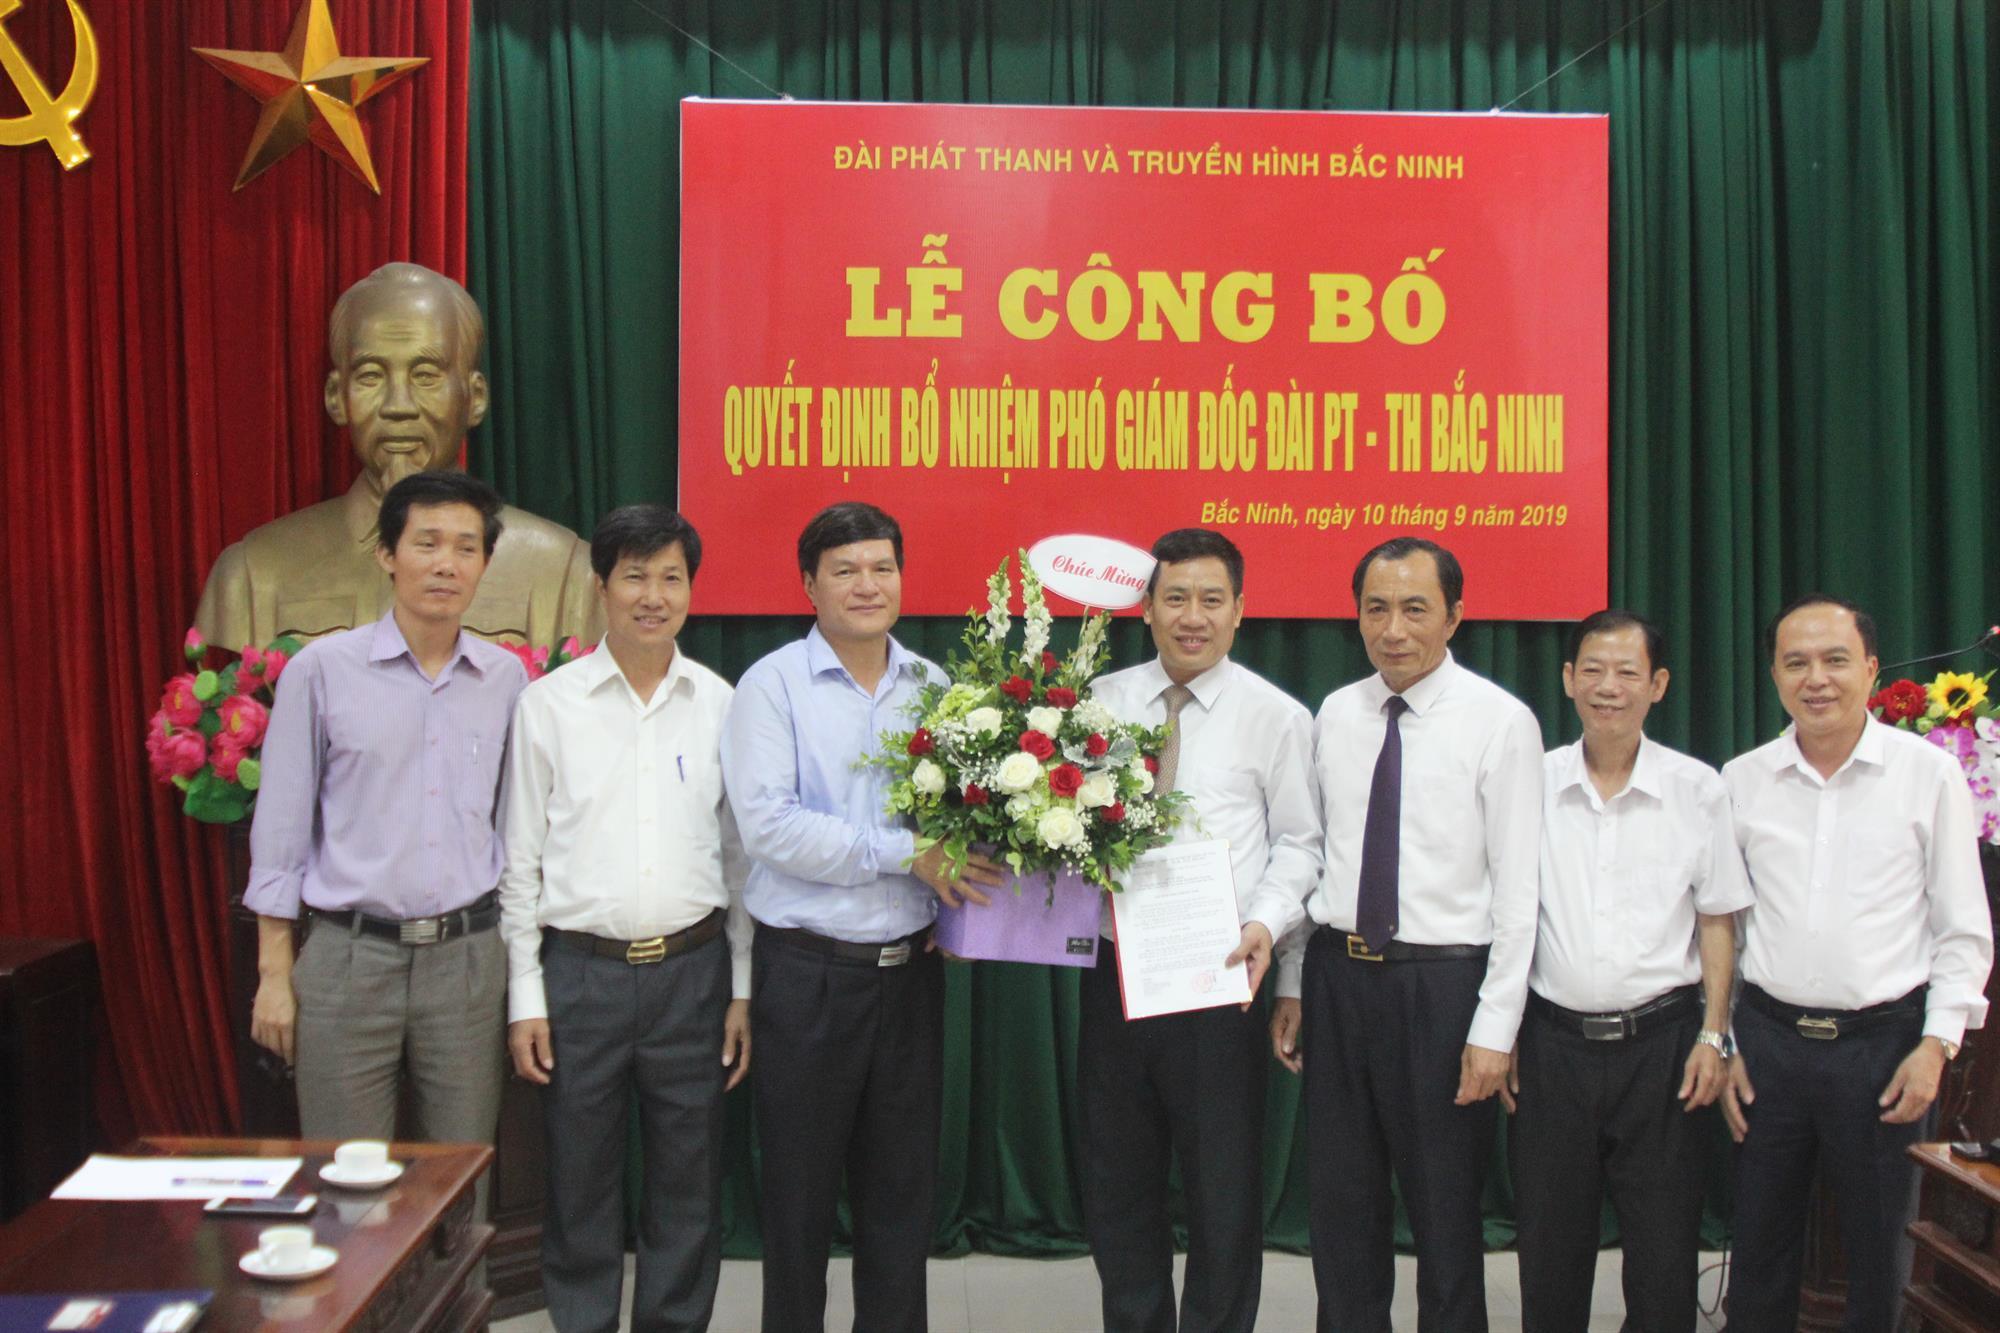 Công bố Quyết định bổ nhiệm Phó Giám đốc phụ trách Đài PT&TH Bắc Ninh